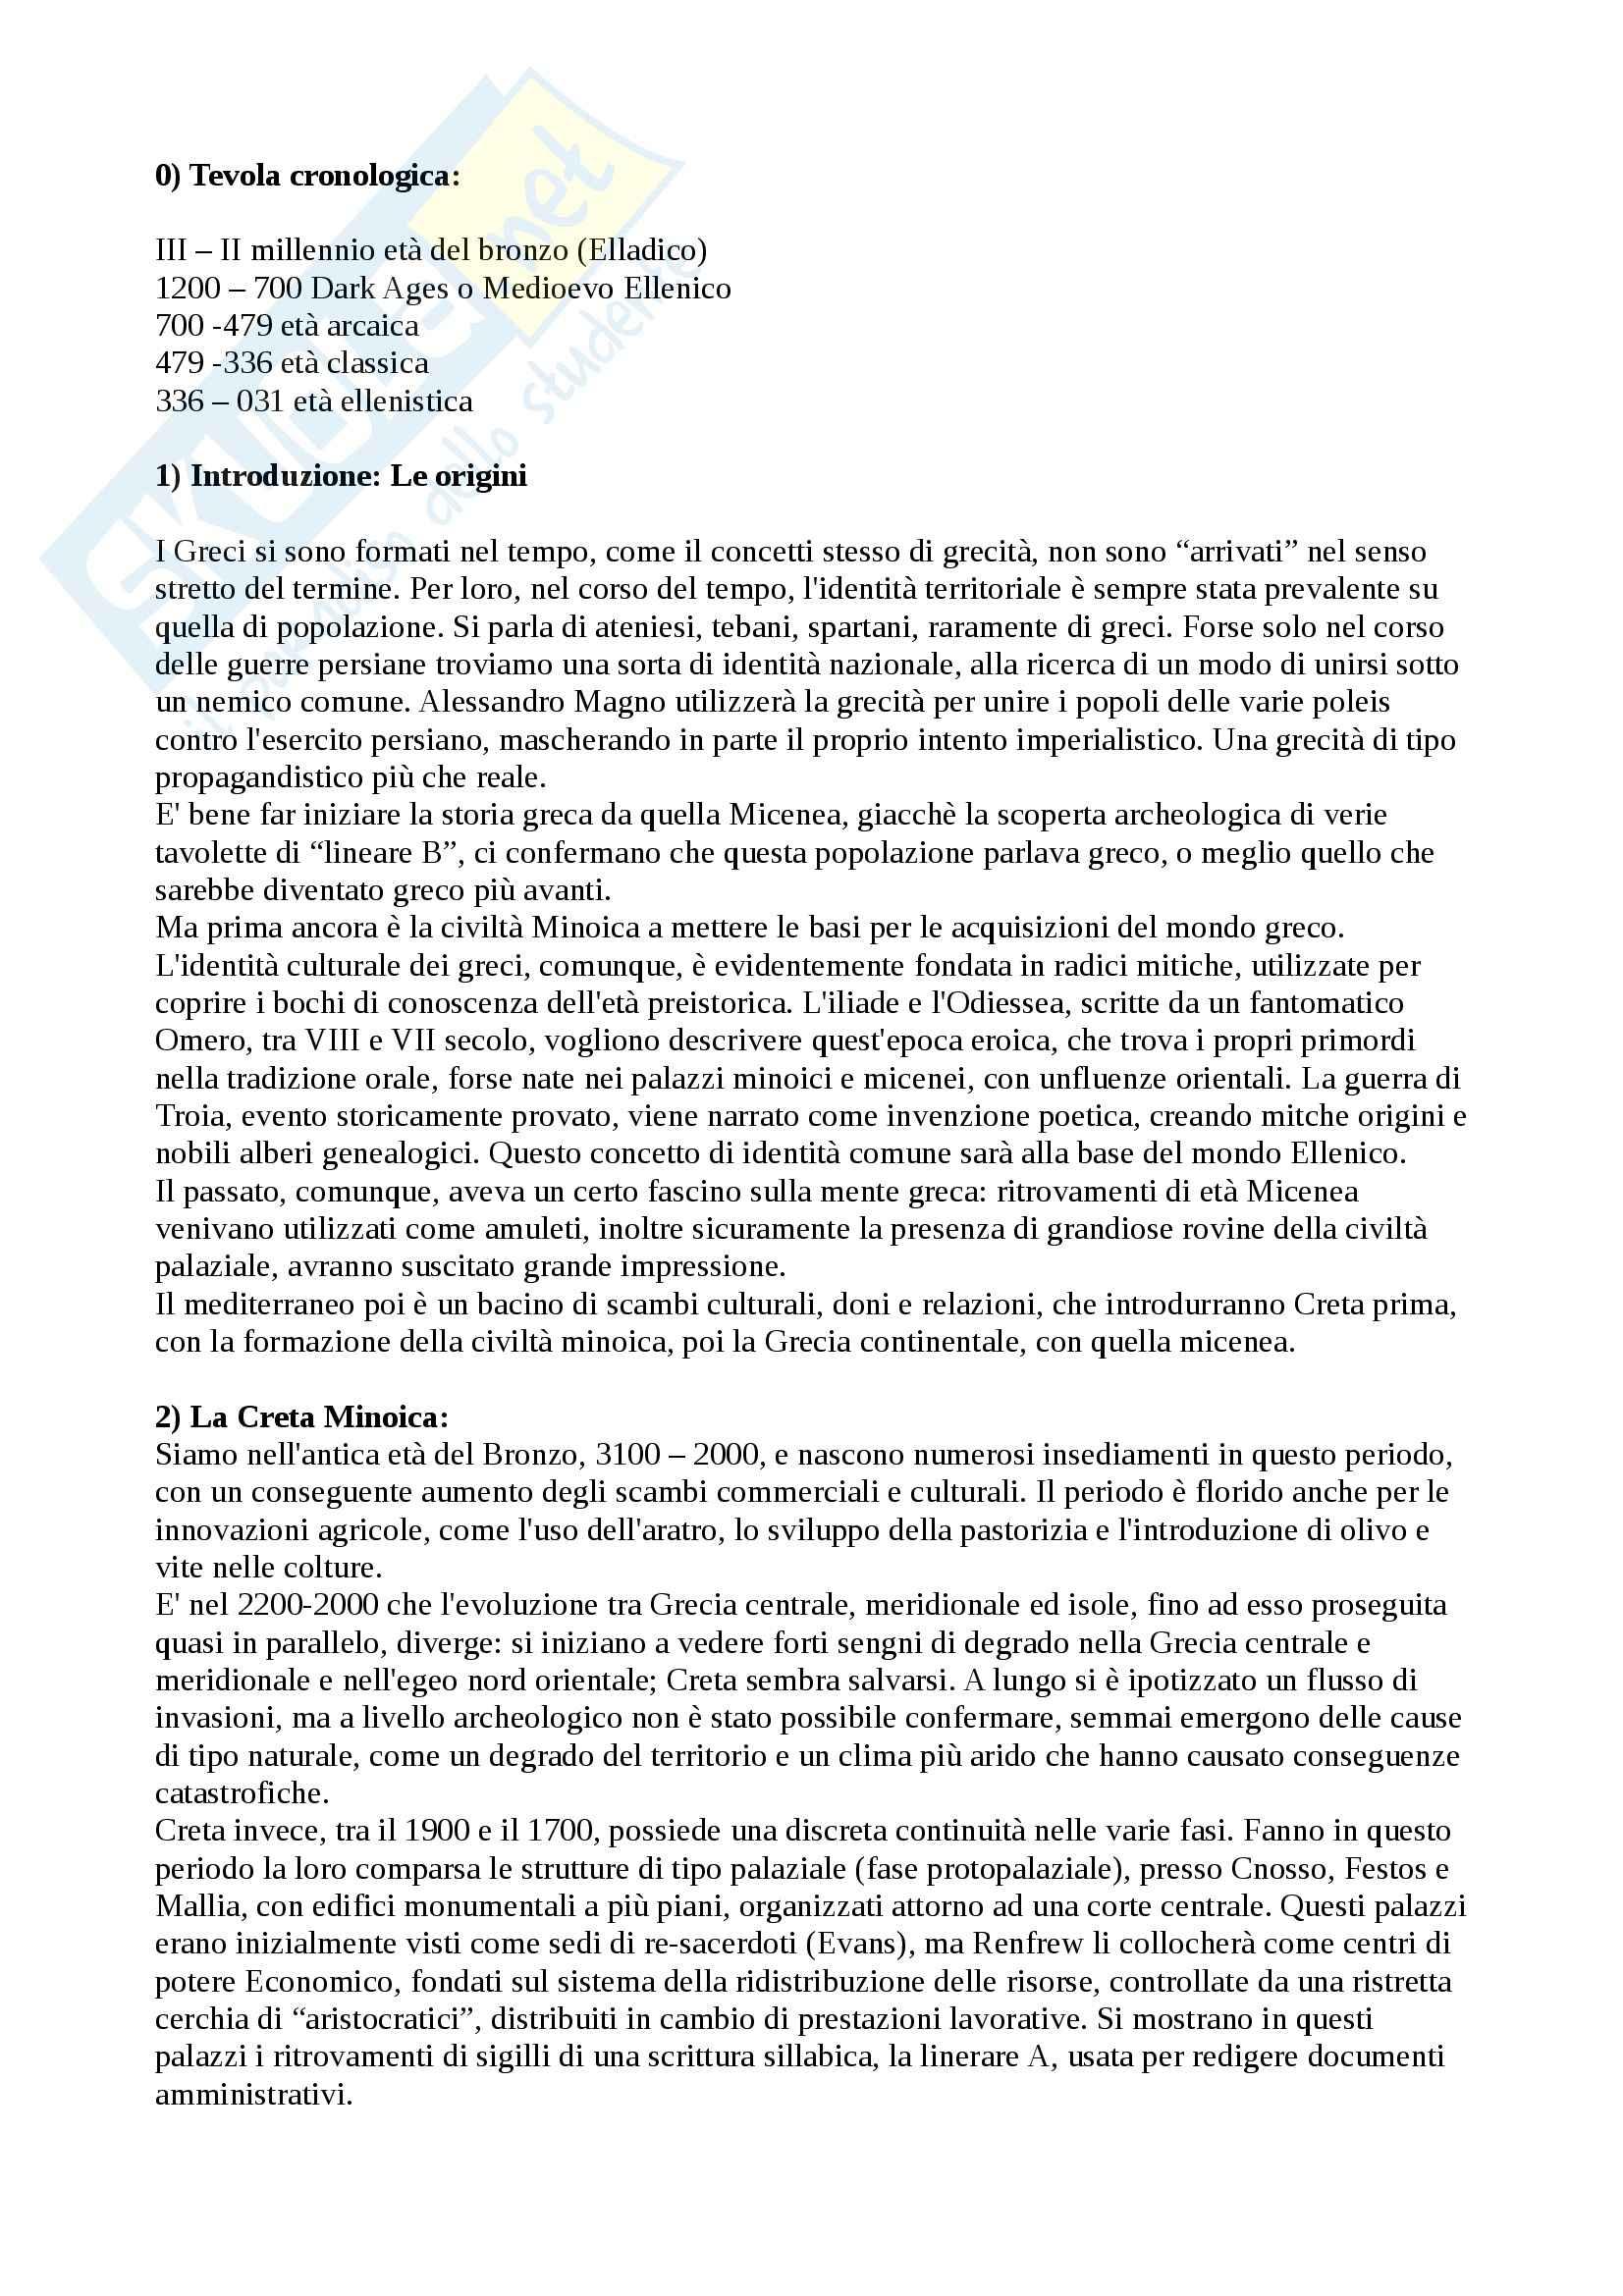 Riassunto esame Storia Greca, prof. Guizzi, libro consigliato Storia Greca di Bettalli, D'agata, Magnetto